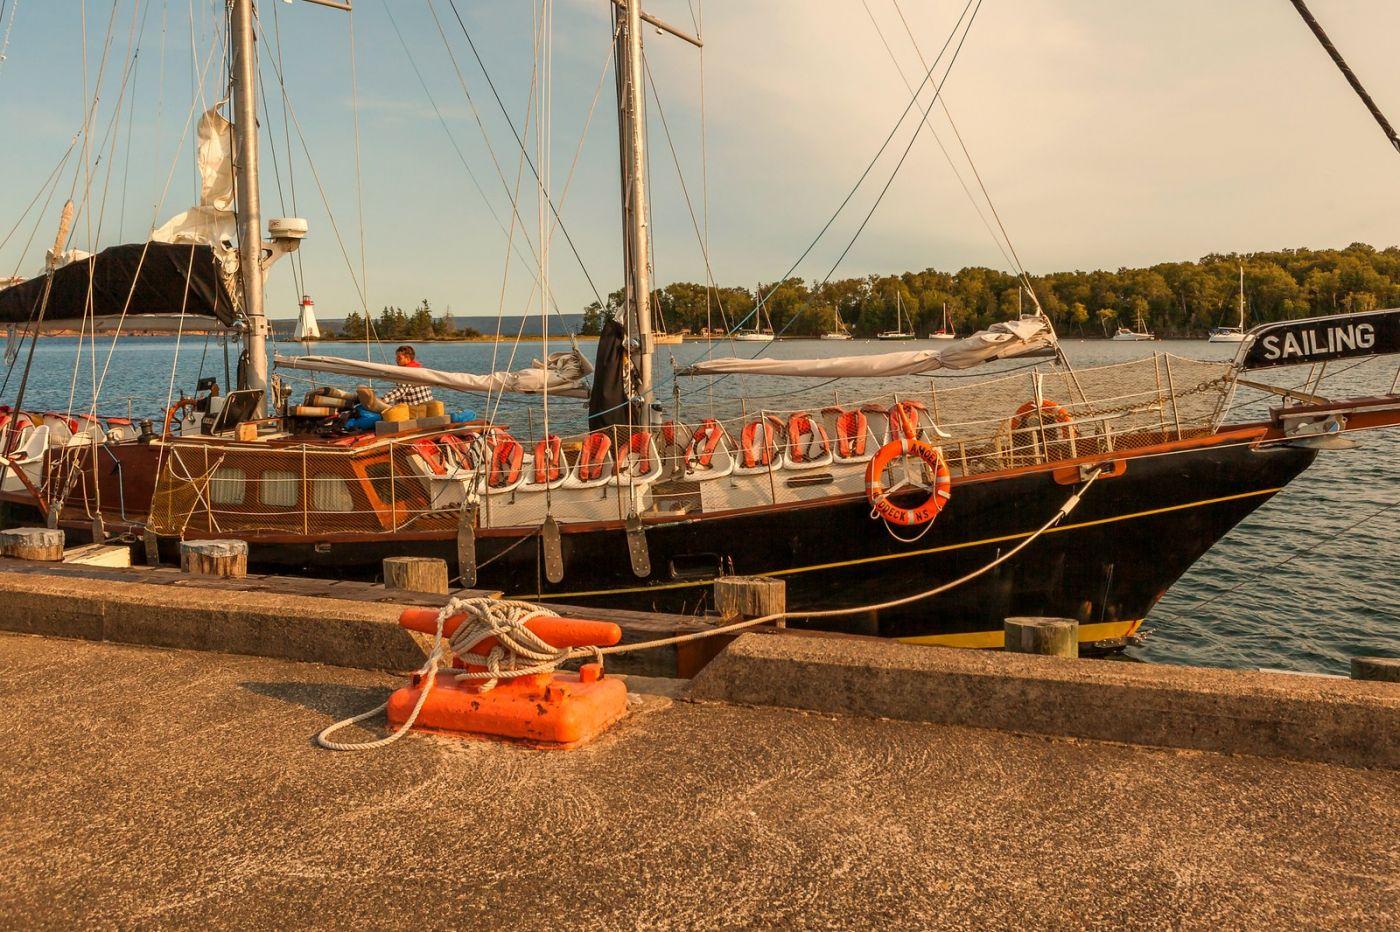 加拿大Nova Scotia, 帆船灯塔老鹰_图1-14